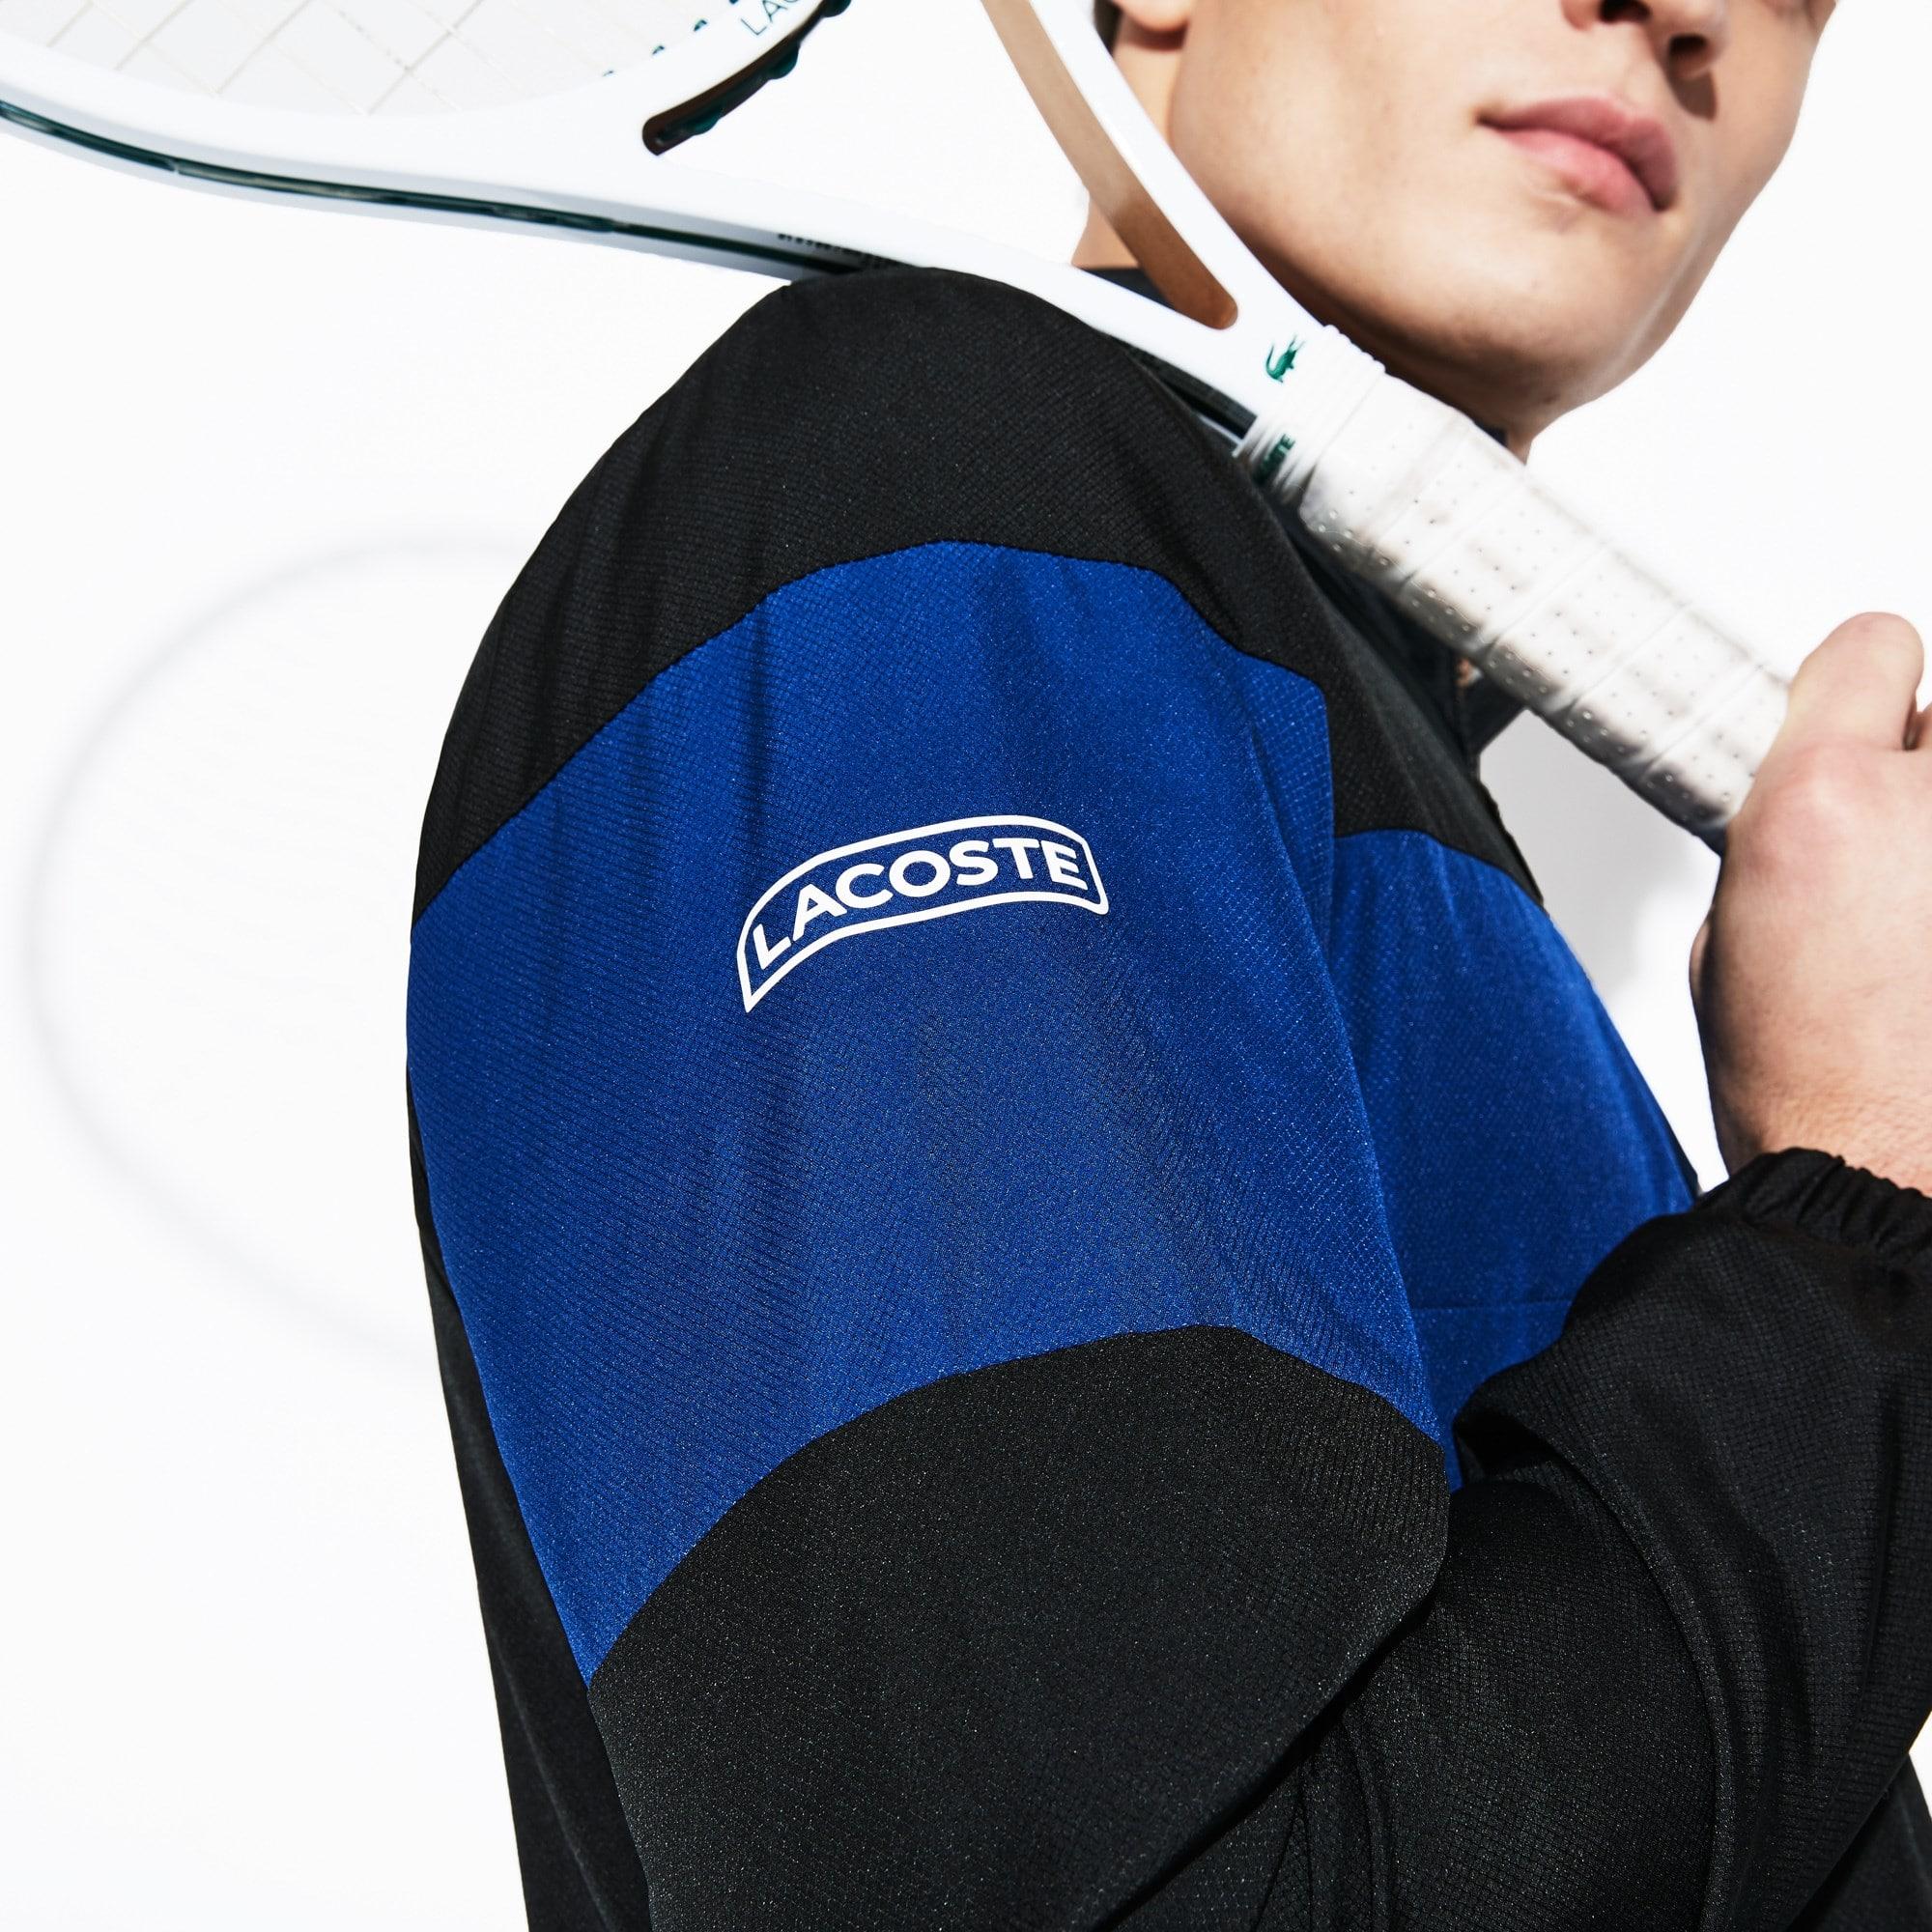 Lacoste - Chándal De Hombre Lacoste SPORT Tennis En Tafetán Con Franjas De Colores - 2